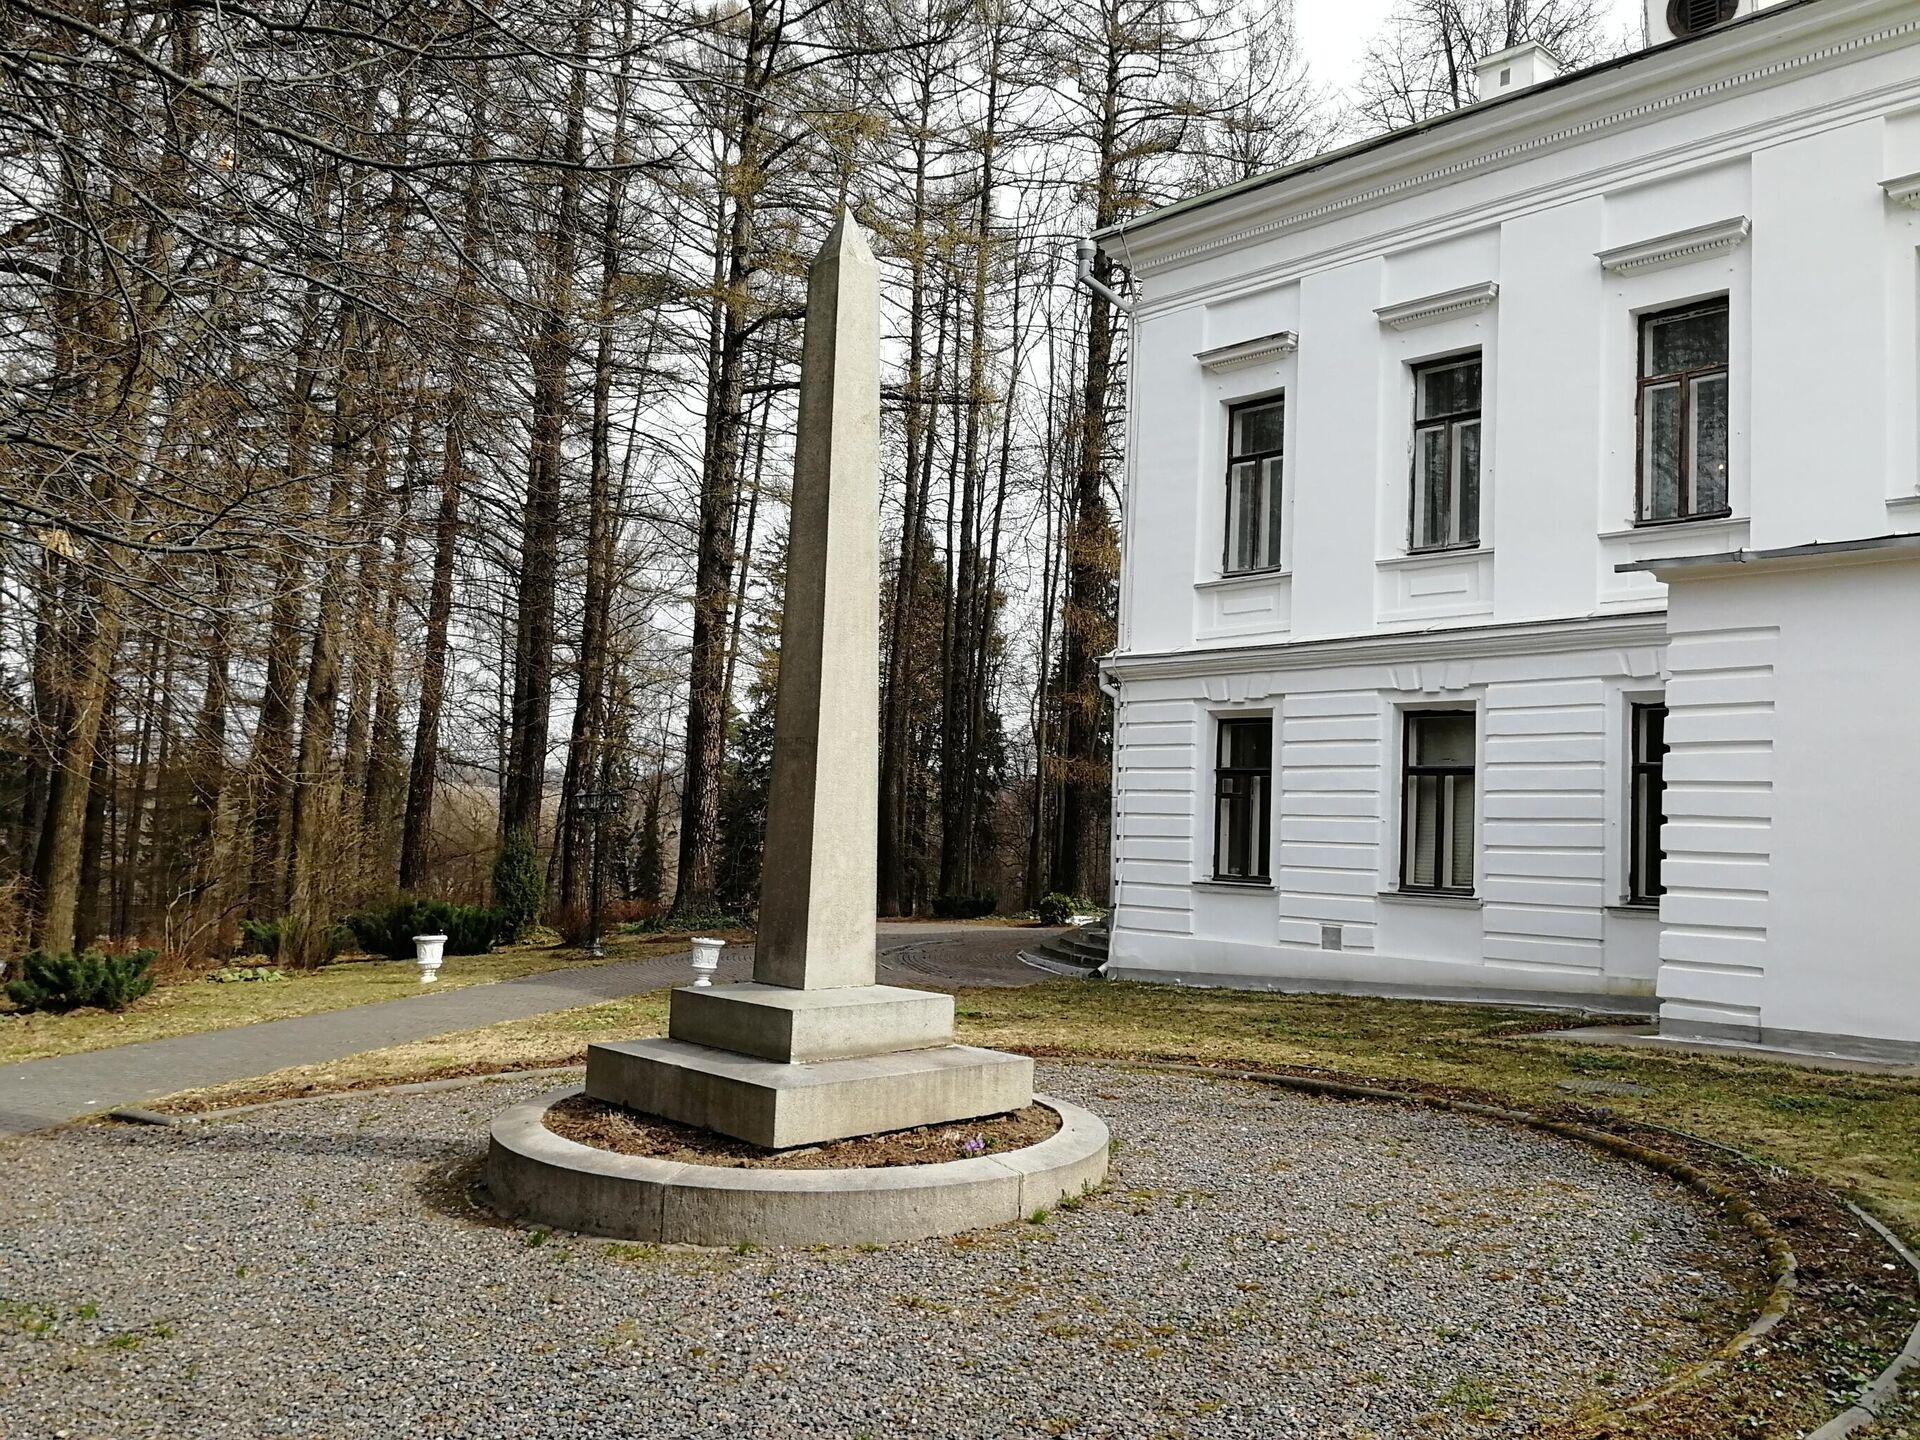 Колонна за барским домом усадьбы Середниково, на которой написано Певцу печали и любви - РИА Новости, 1920, 12.05.2021